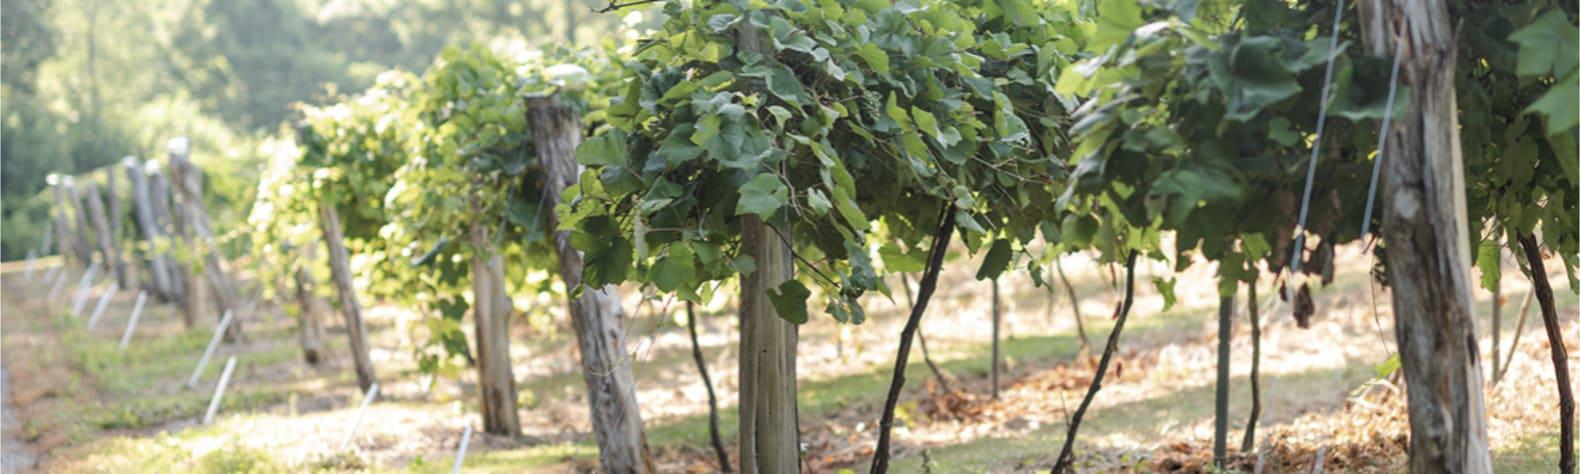 Kentucky Hilltop Vineyards